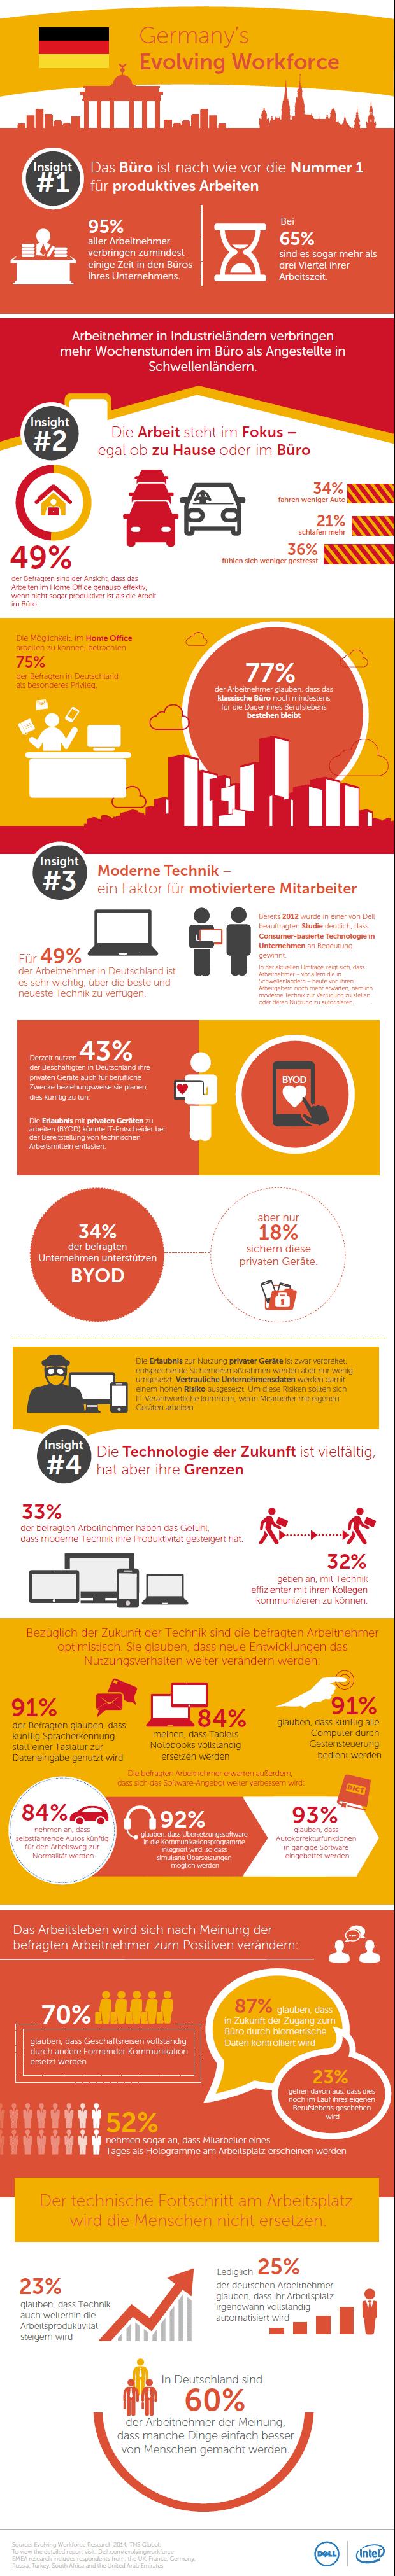 manage it | it-strategien und lösungen - Buro Zukunft Trends Modernen Arbeitsplatz